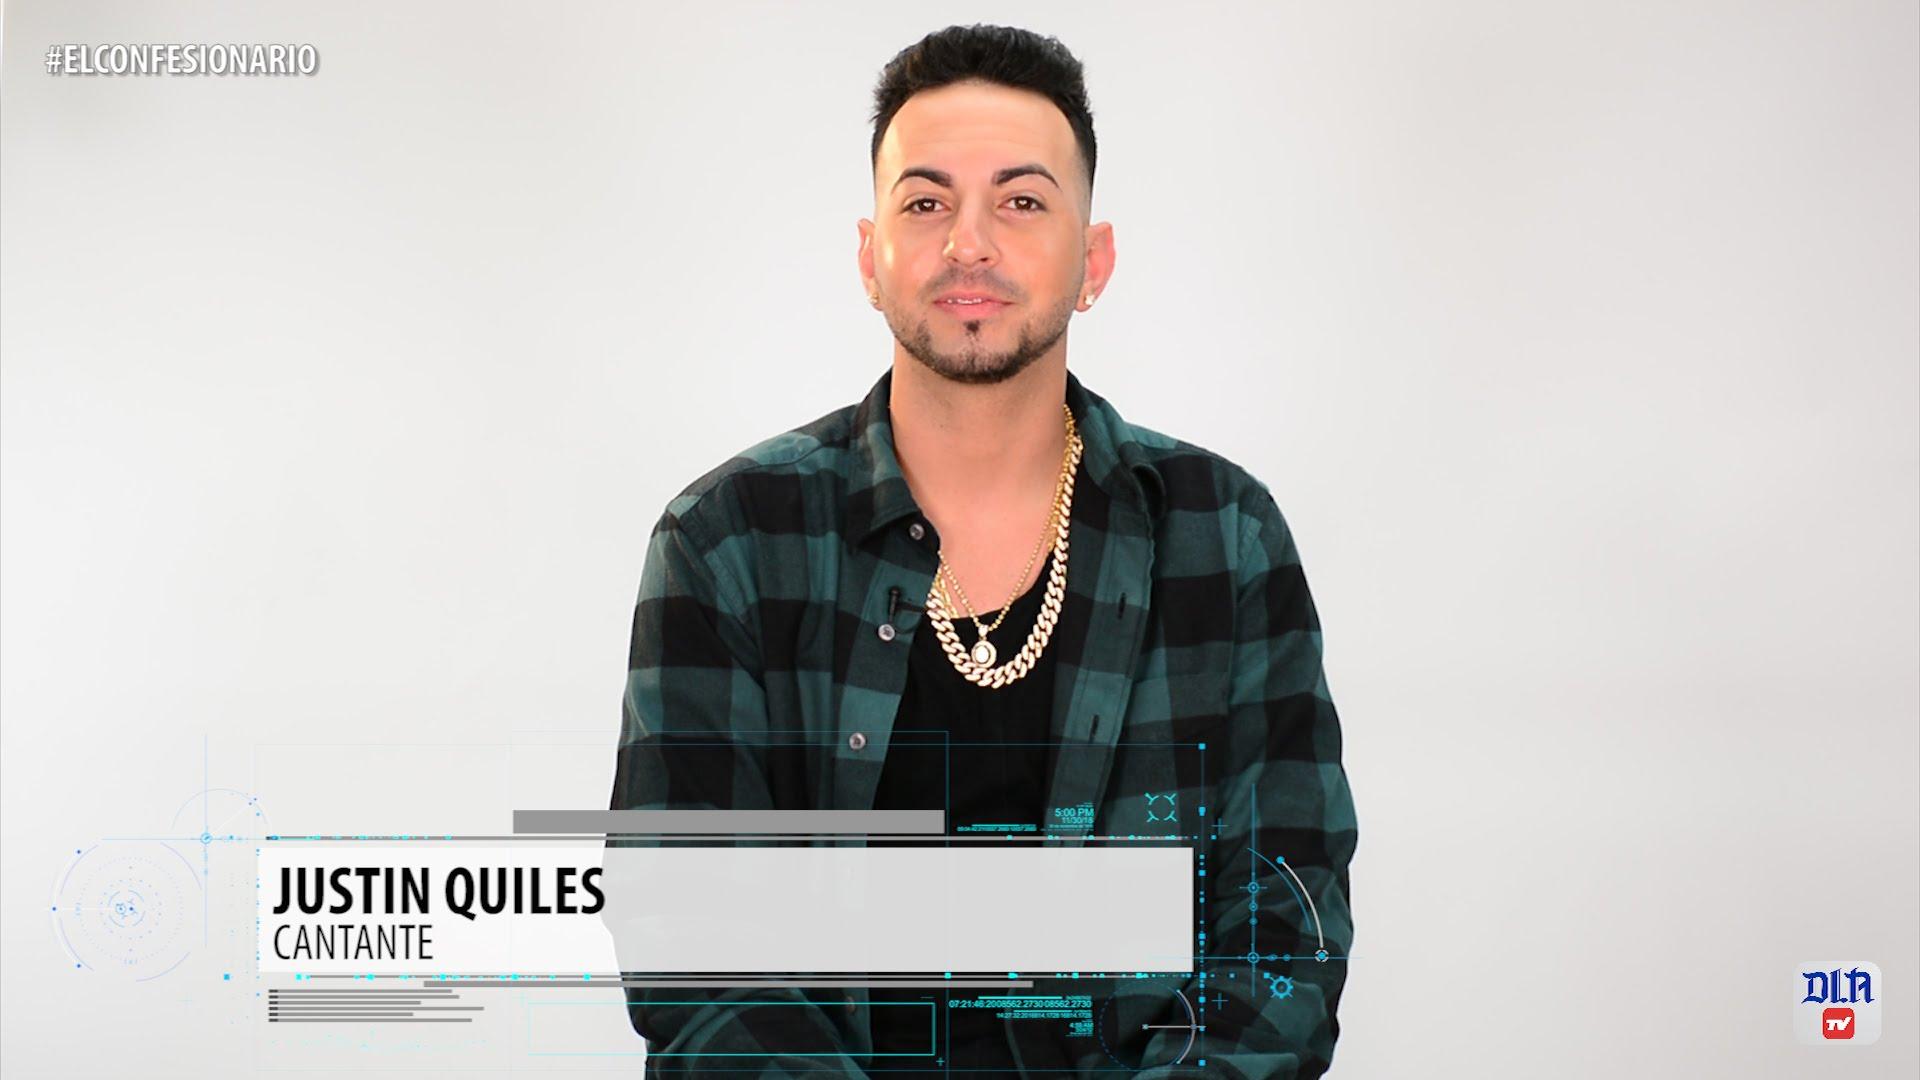 justin quiles en el confesionari - Justin Quiles en el Confesionario (DLA TV)